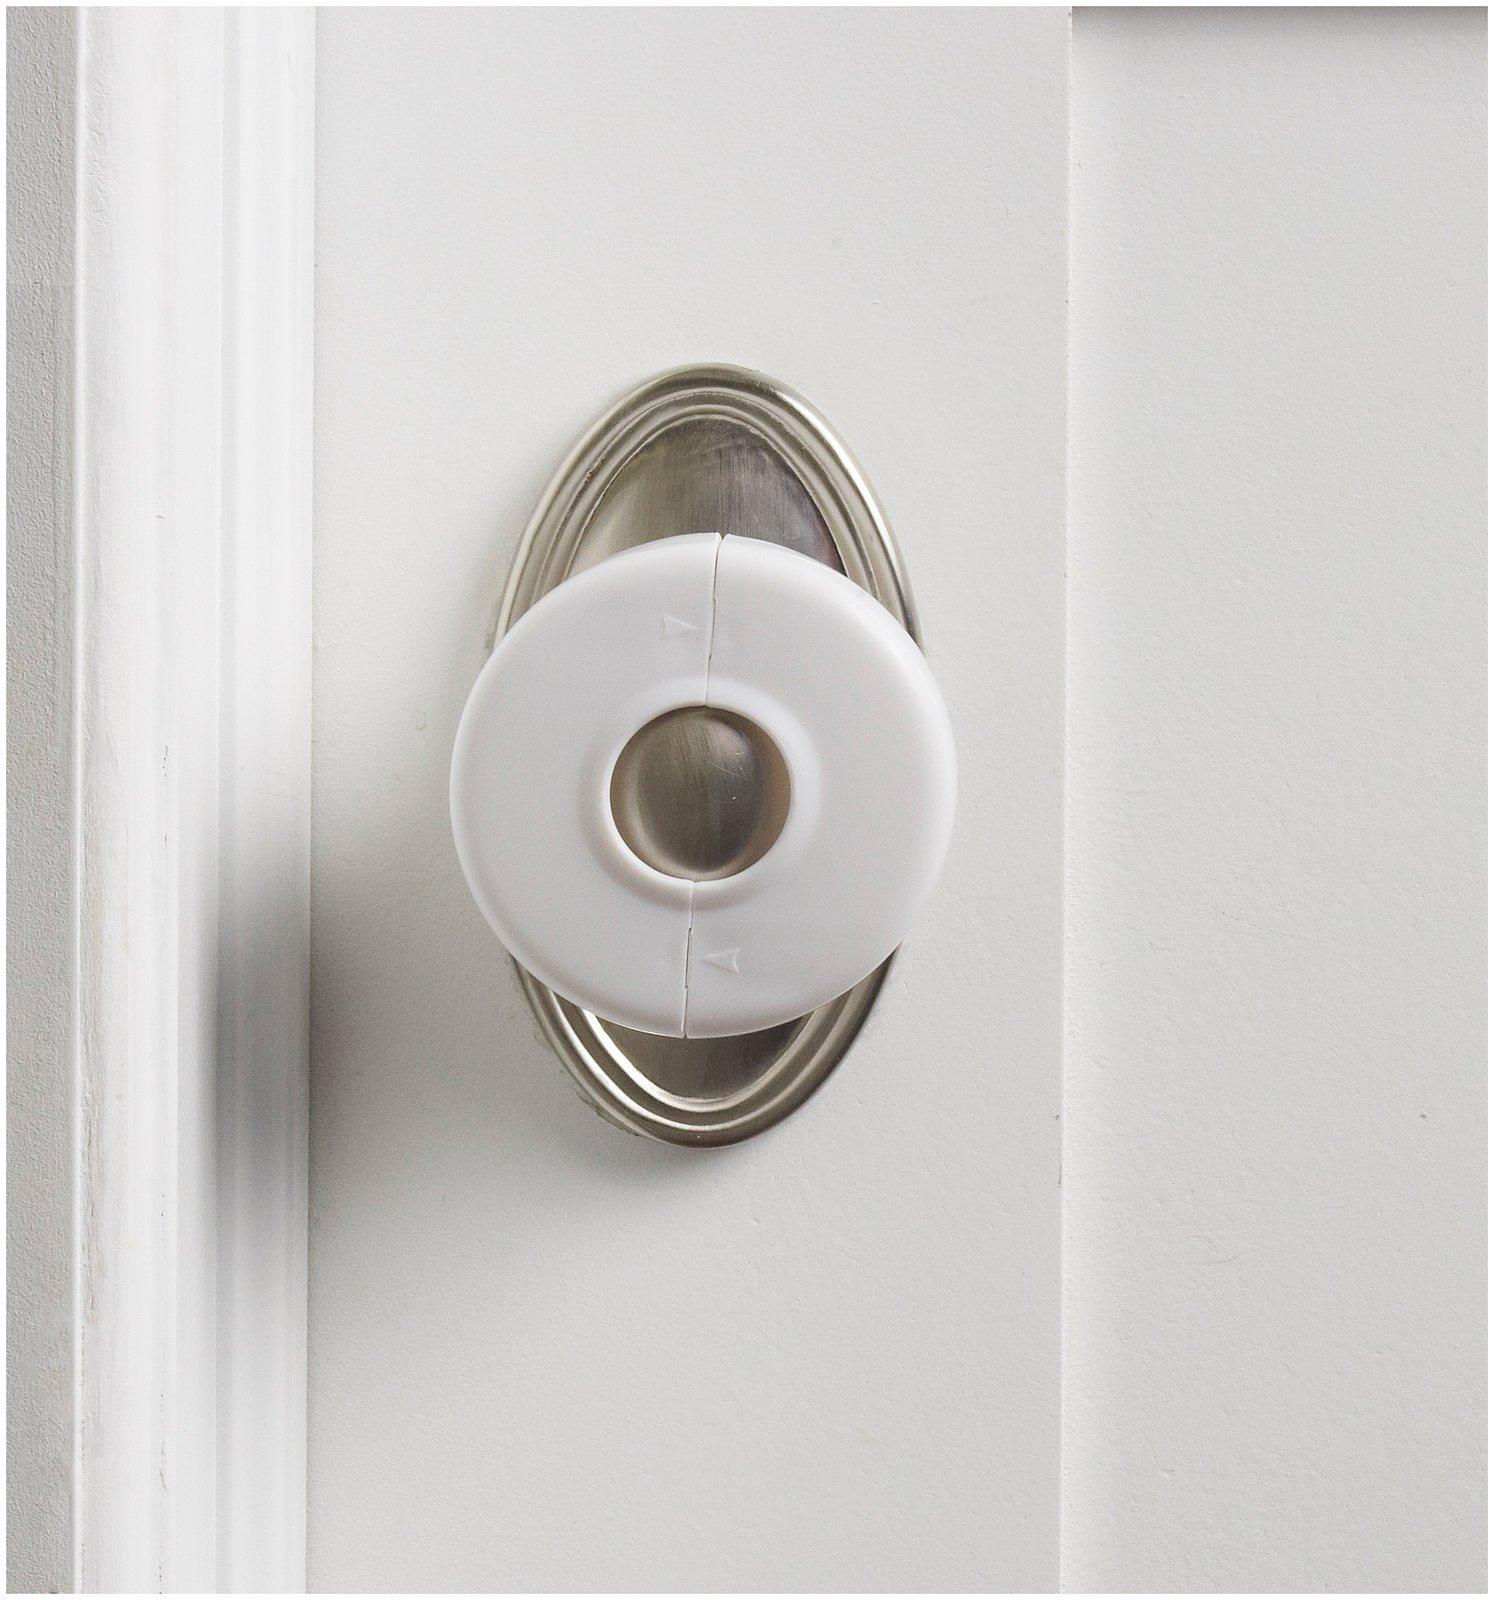 door knob covers photo - 11